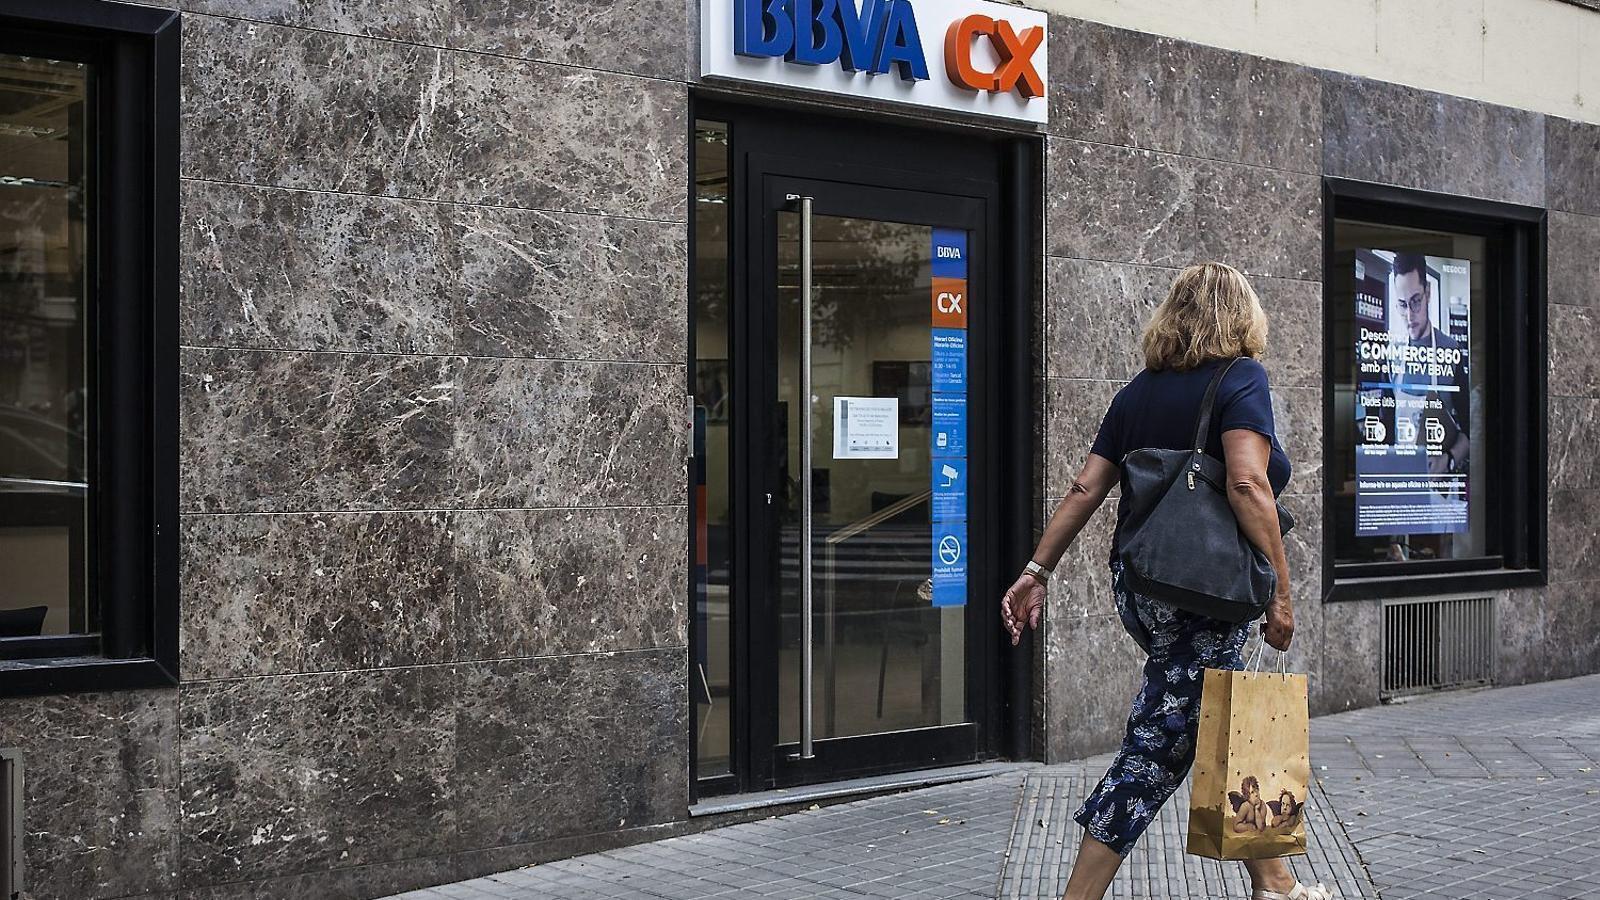 El bbva creix per tancar m s oficines for Bbva oficines barcelona